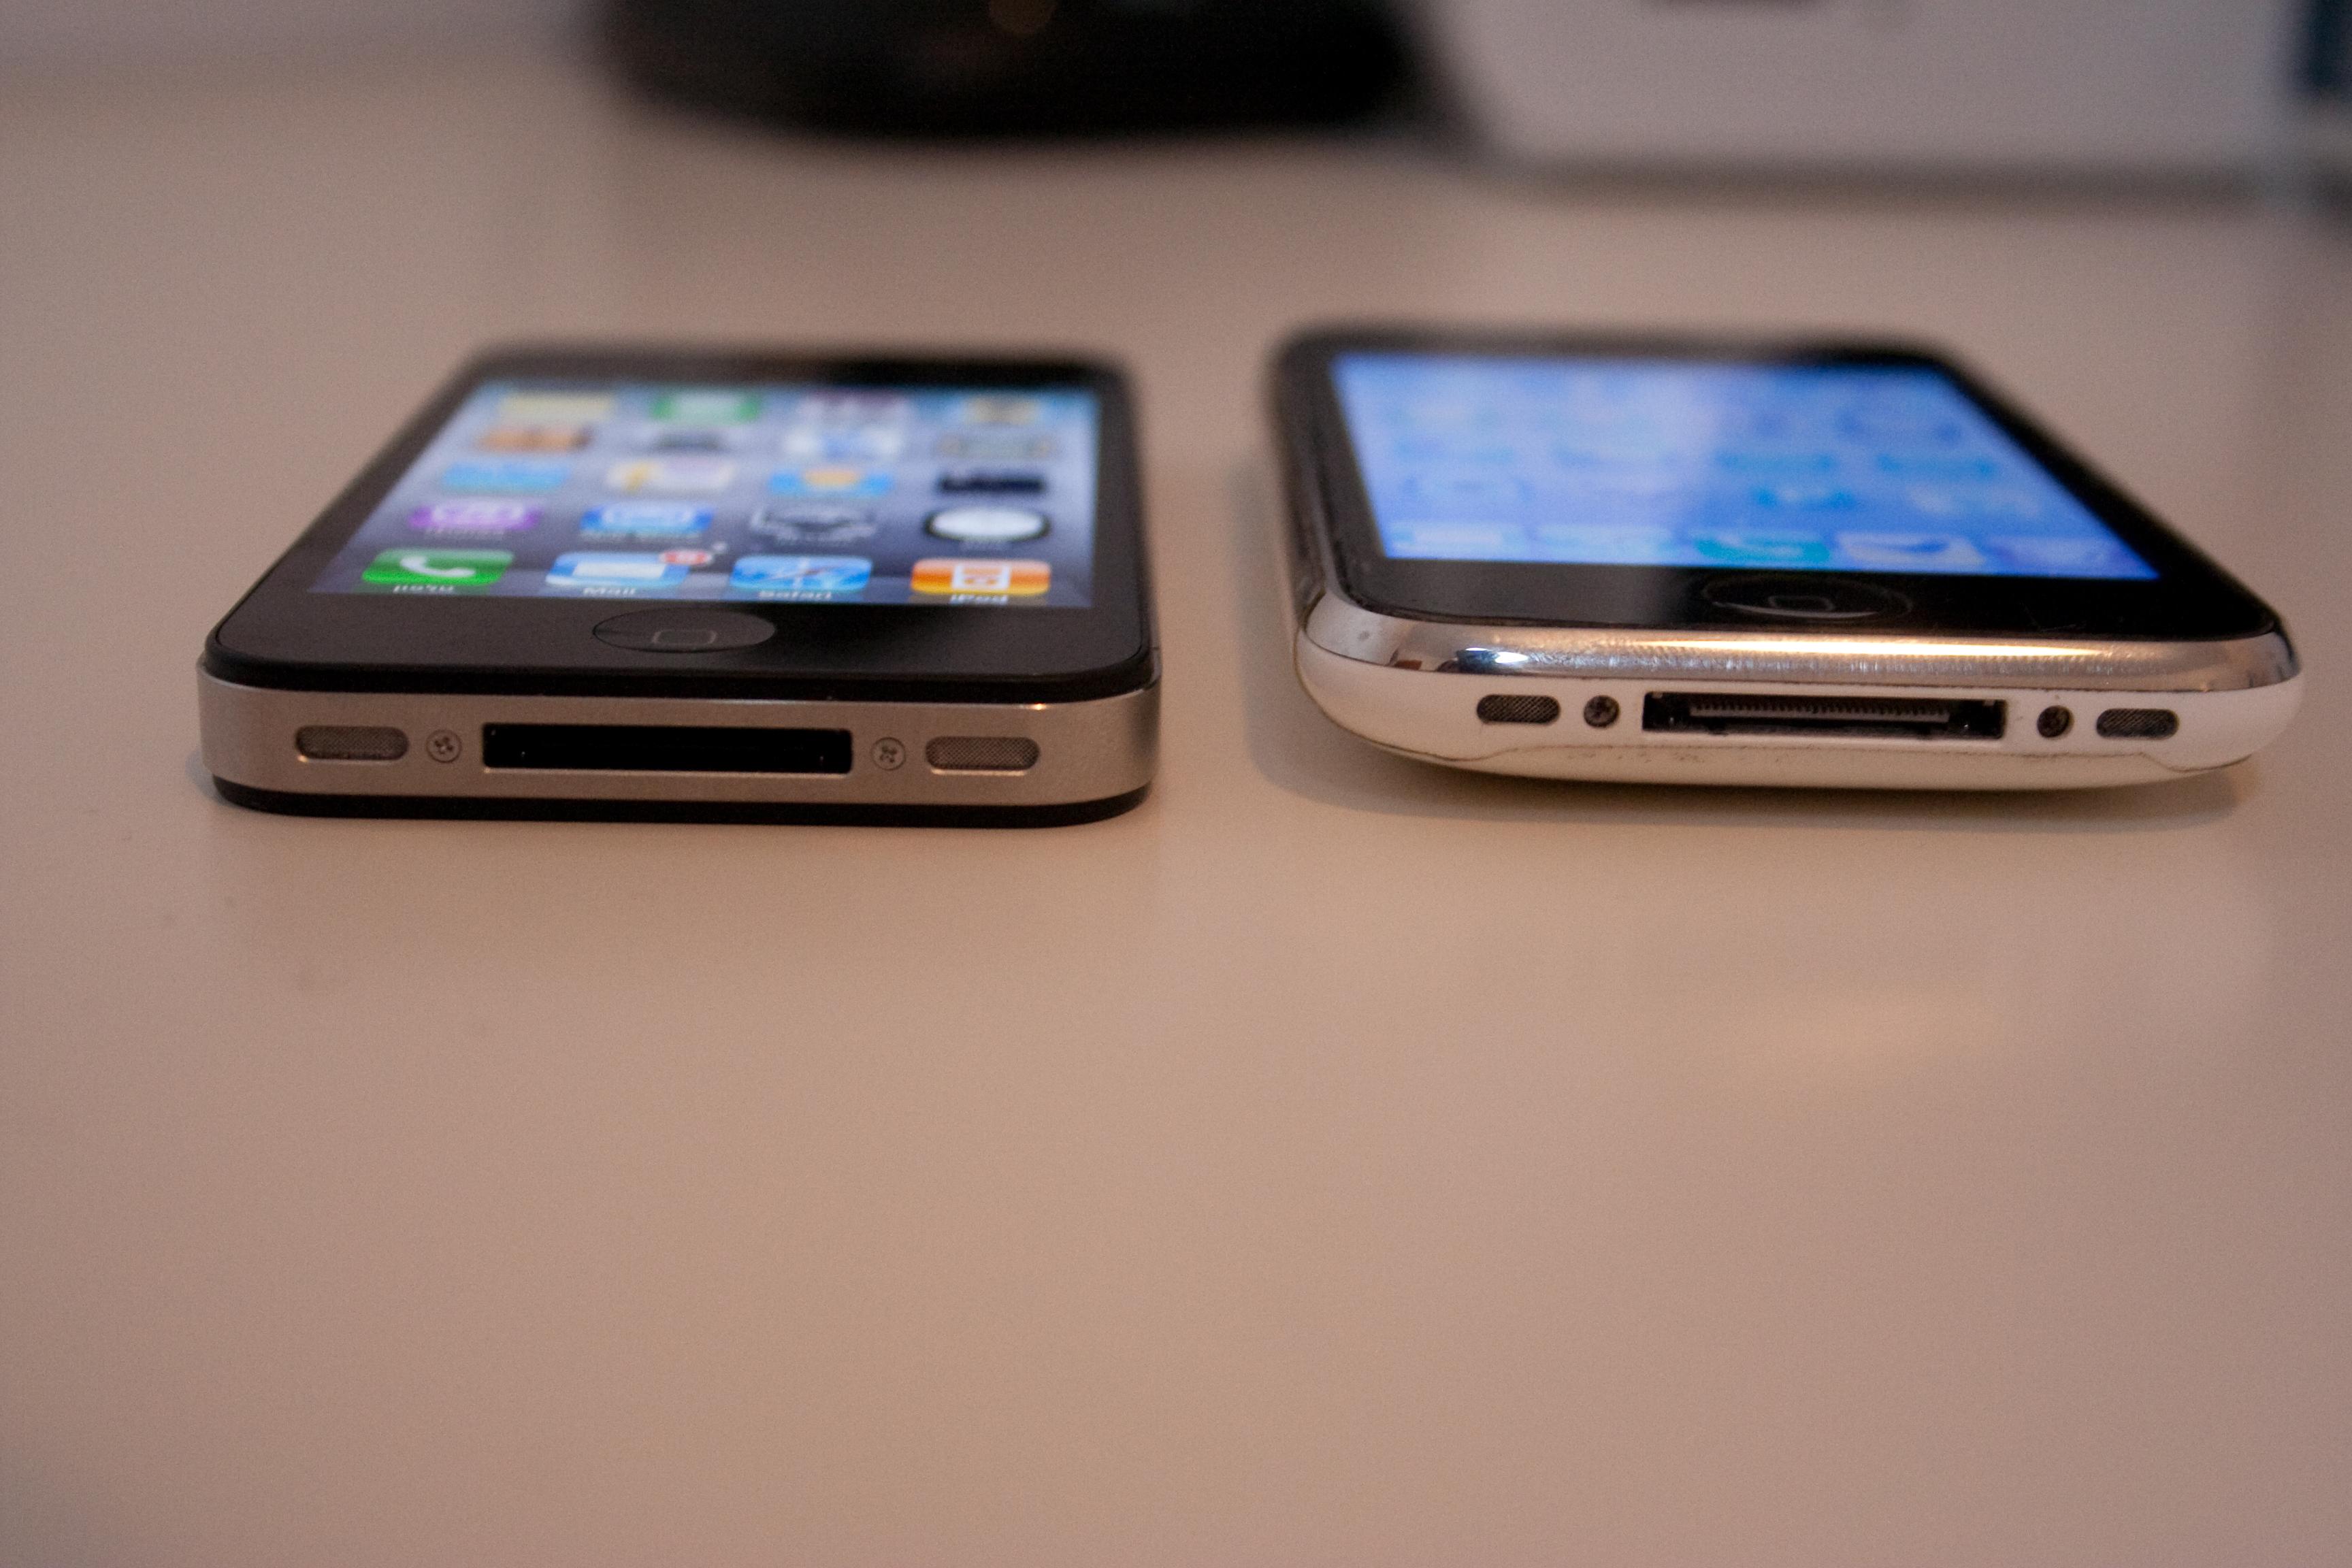 סנסציוני כל מה שרציתם לדעת על אייפון 4 ולא באמת רציתם לשאול - ביקורת מכשיר SK-32